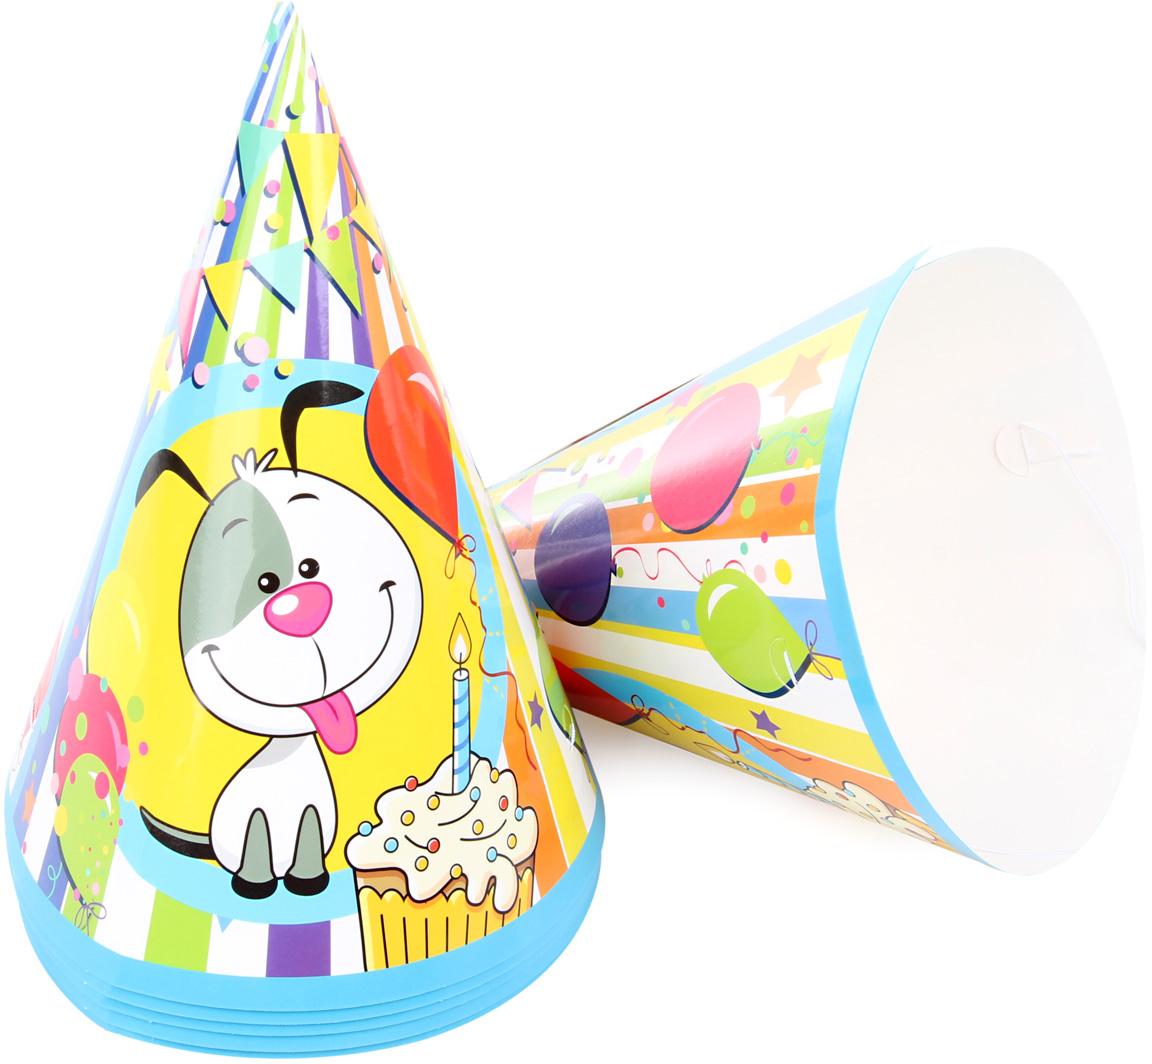 Веселый хоровод Набор колпаков Счастливый Шарик 20 см 6 шт KL53497 веселый хоровод набор тарелок счастливый шарик 23 см 6 шт